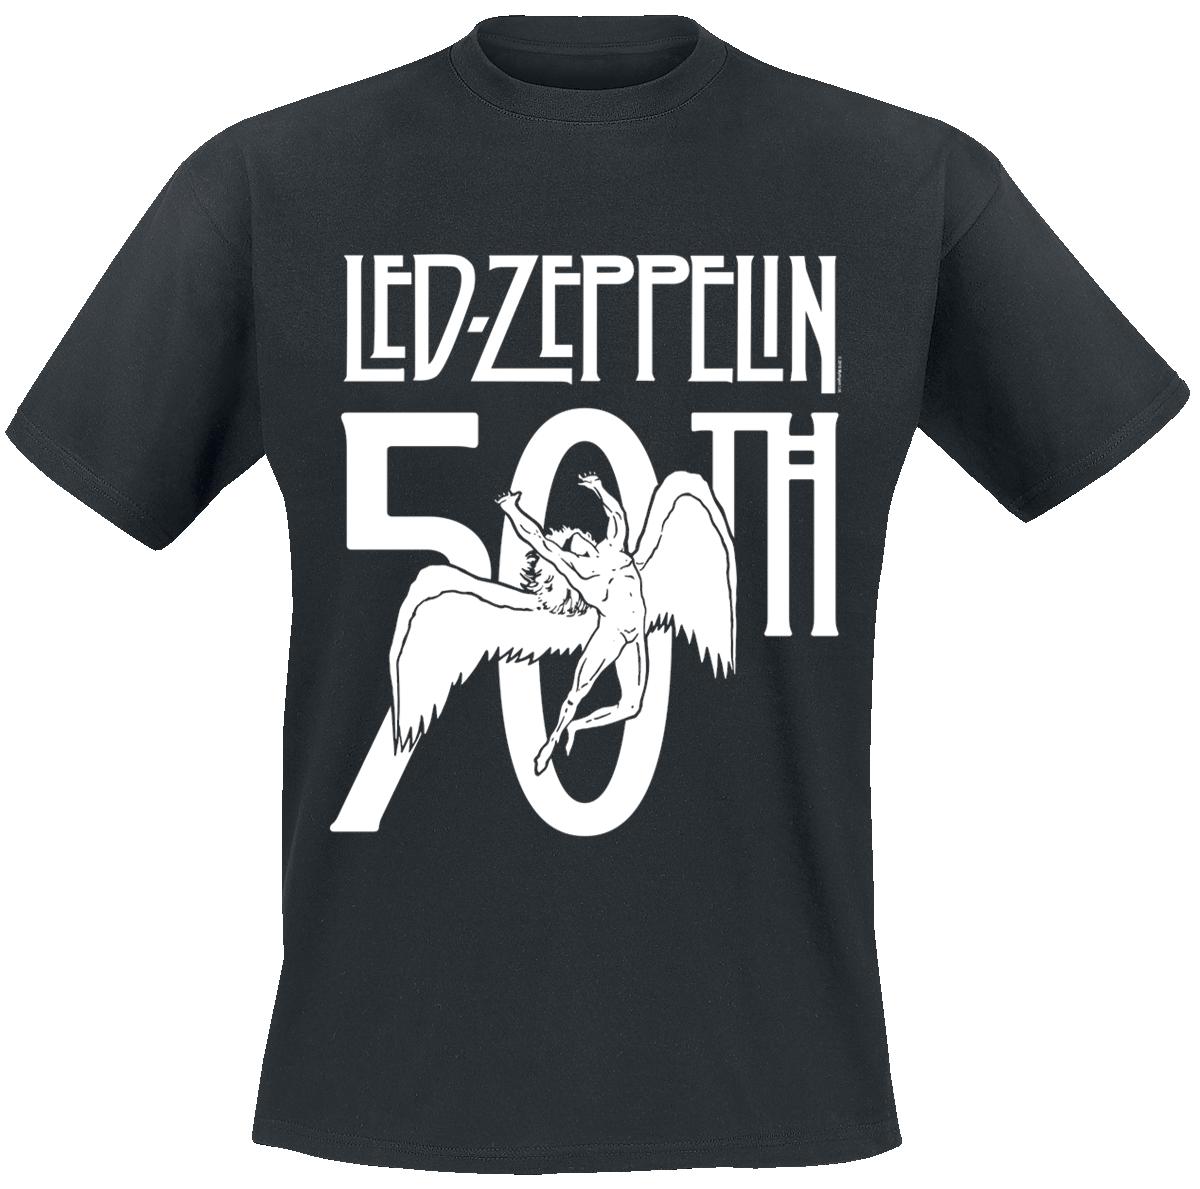 Led Zeppelin - 50th Logo - T-Shirt - black image